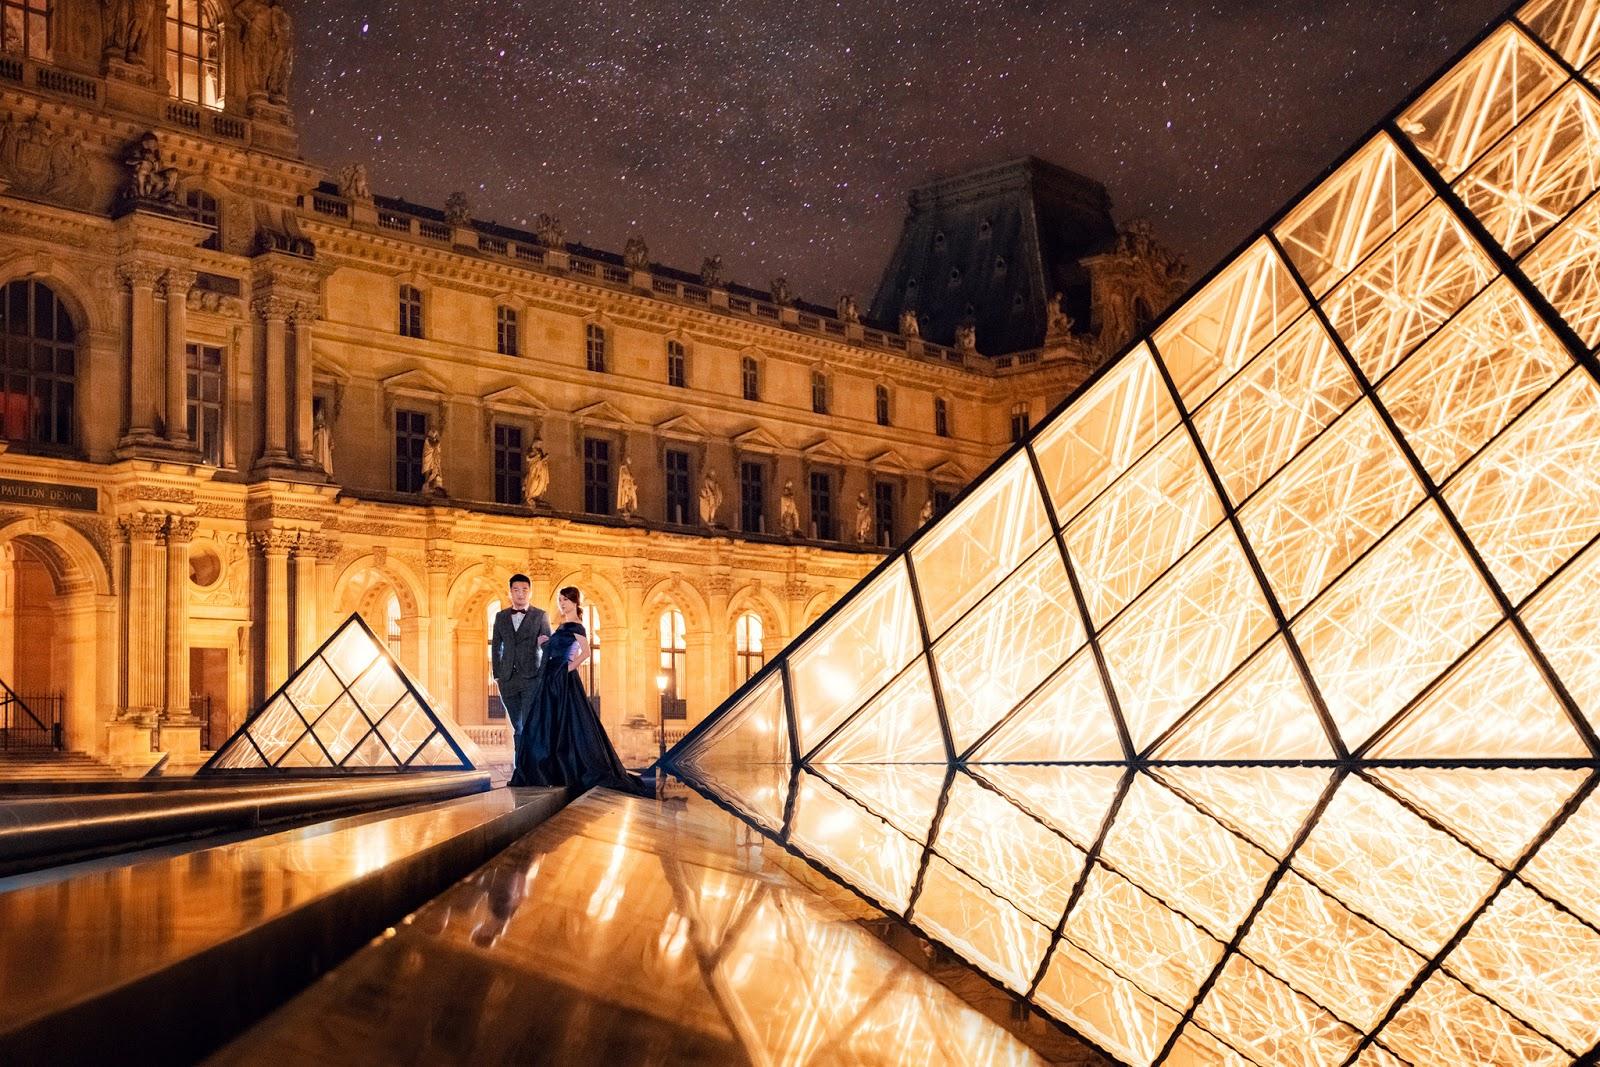 巴黎聖母院 聖心堂 巴黎歌劇院 蒙馬特 海外自助婚紗推薦 私密拍攝景點 羅浮宮 亞力三大三世橋 羅浮宮夜拍 巴黎櫻花婚紗 PARIS PREWEDDING